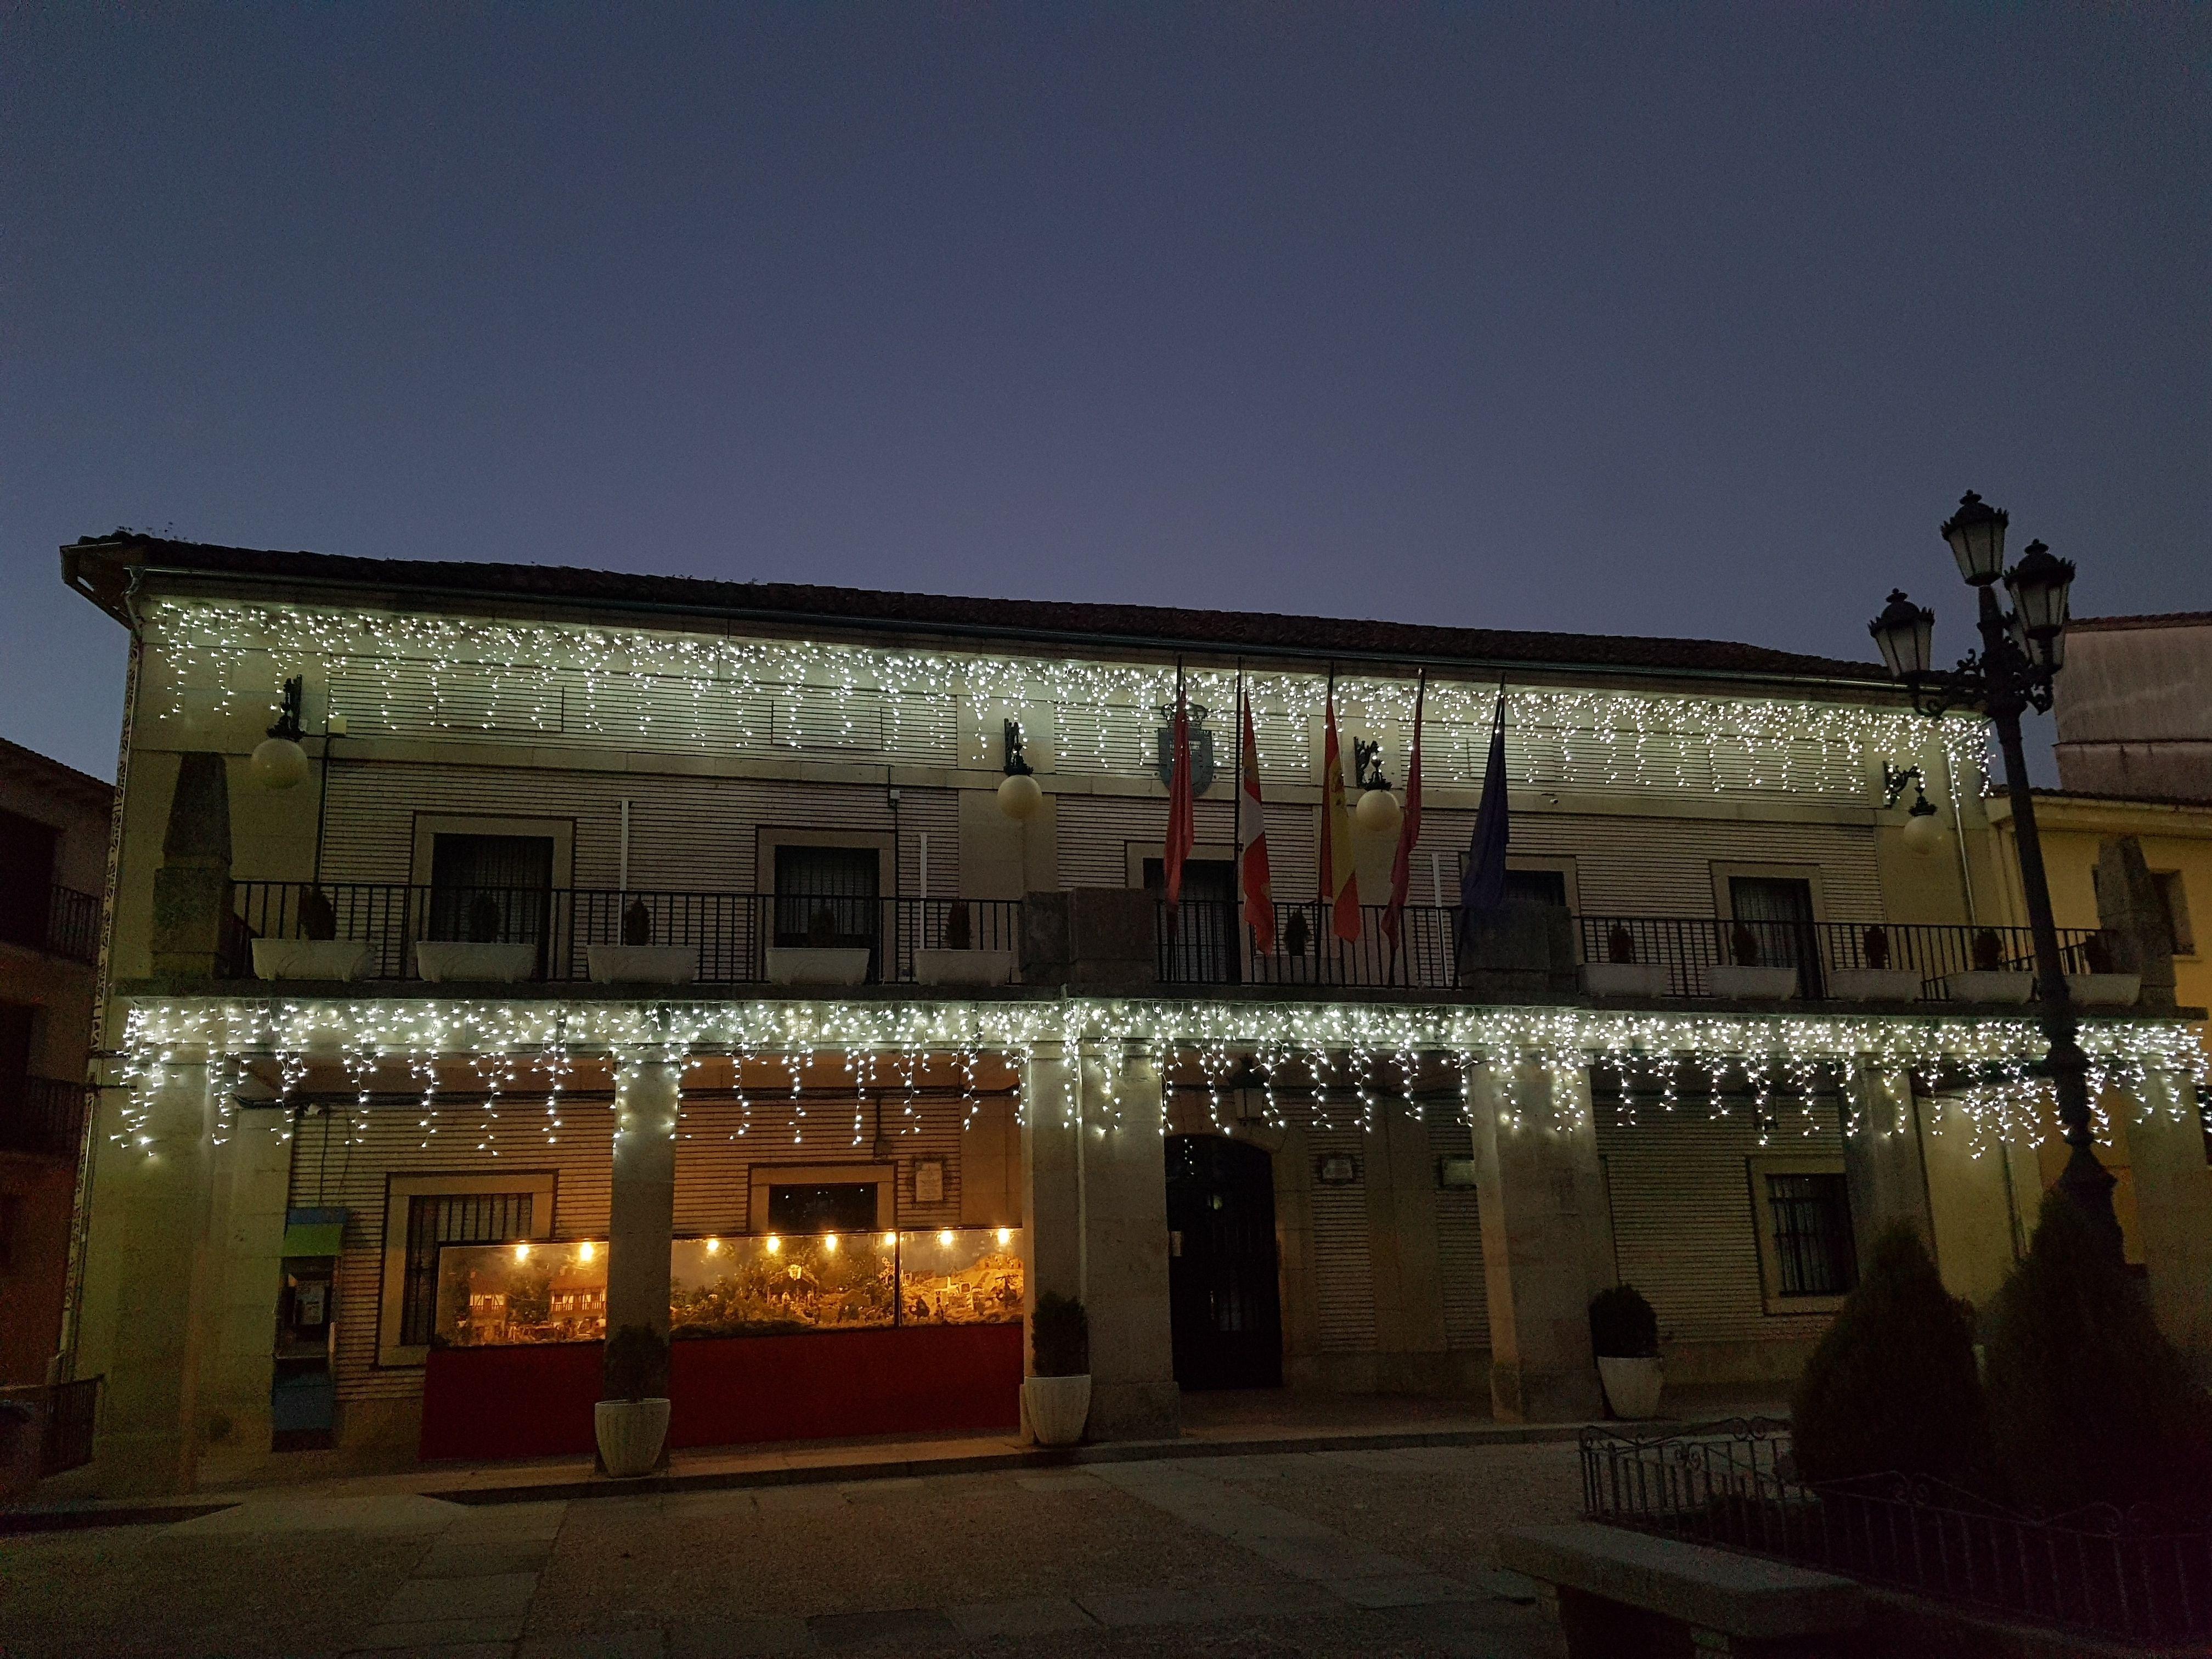 Iluminación decorativa y ornamental: Servicios de Gil-Qui, group